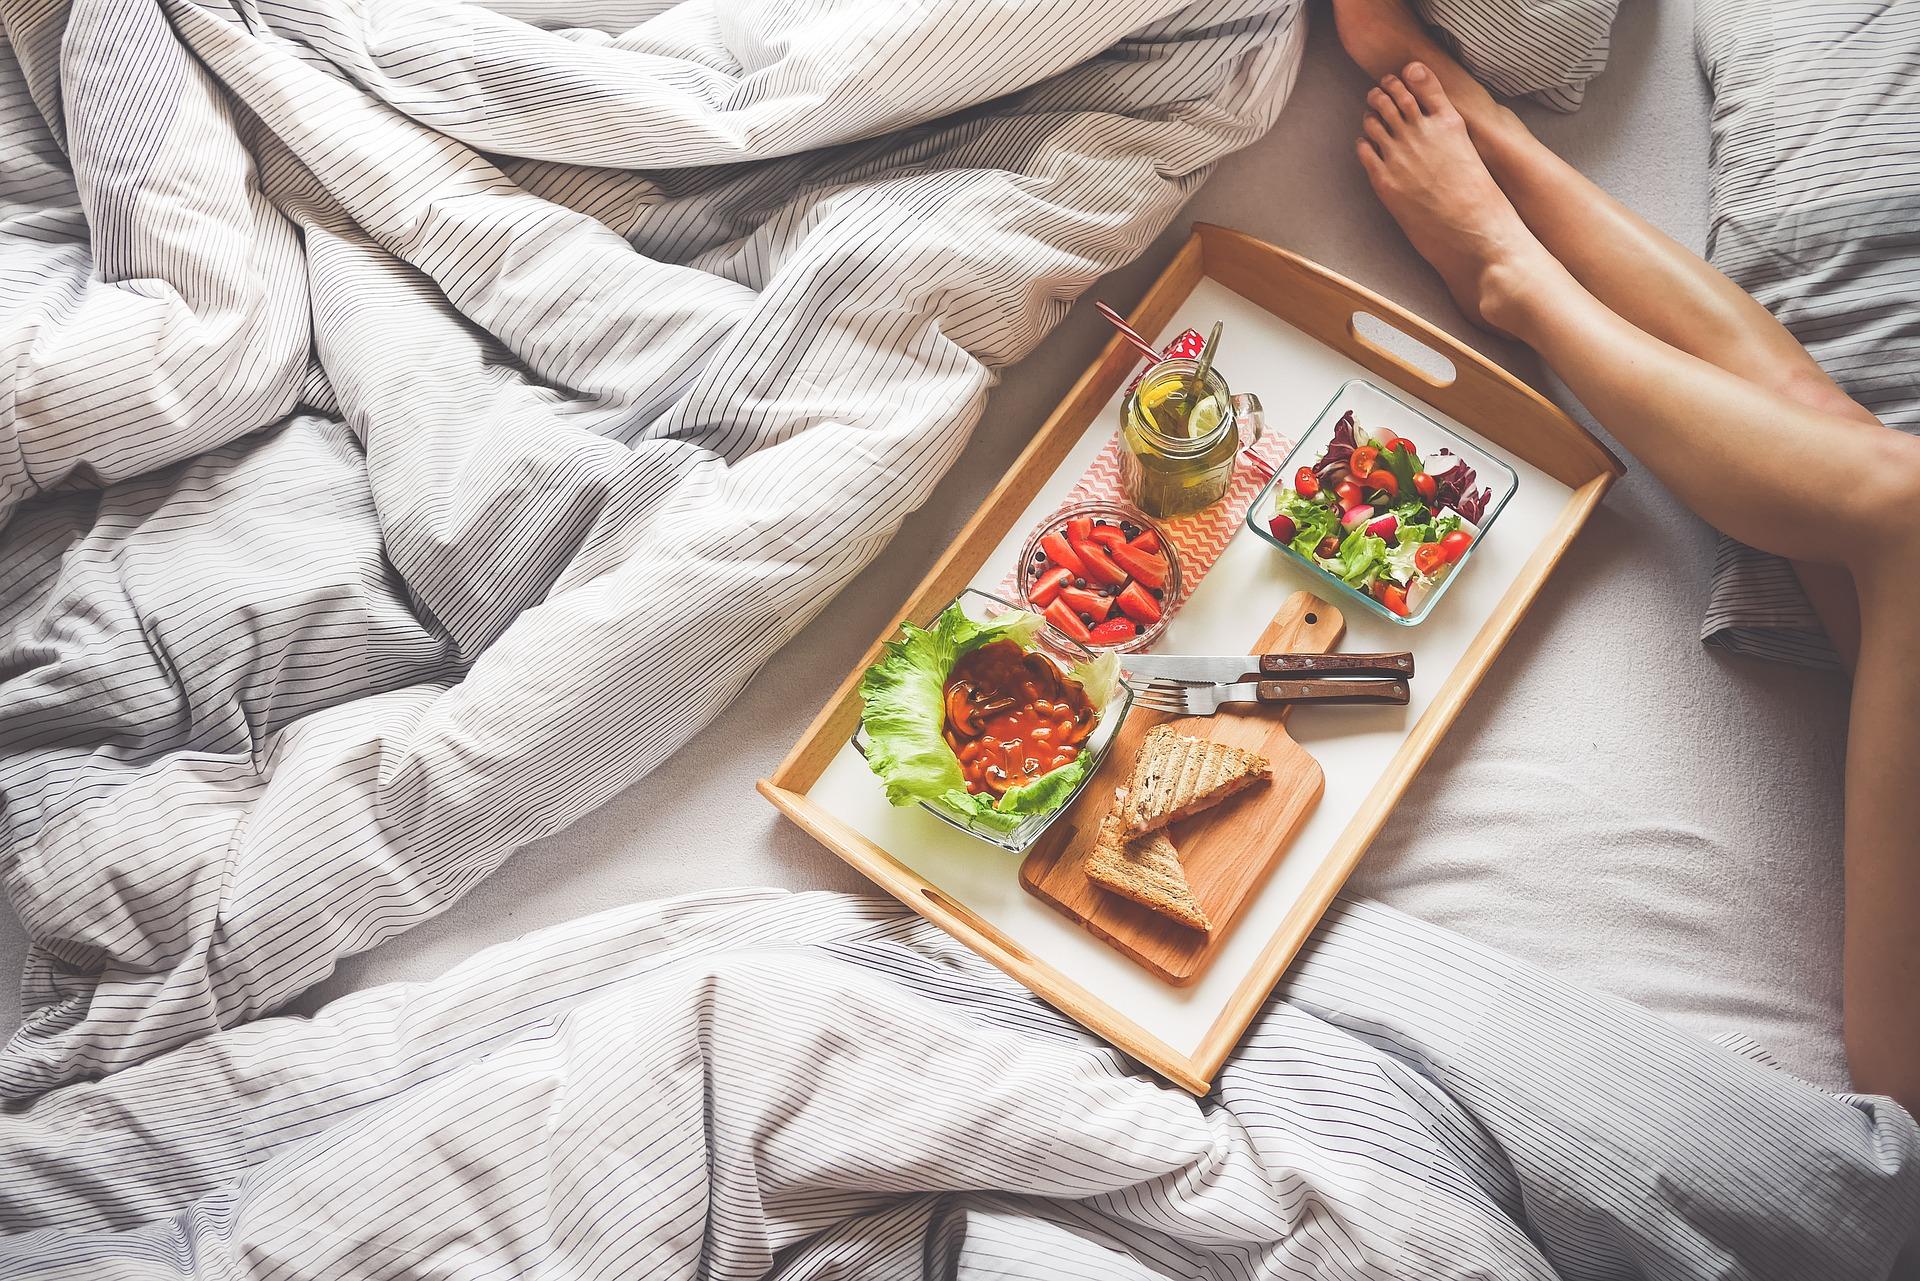 petit déjeuner équilibré pour une journée pleine d'énergie